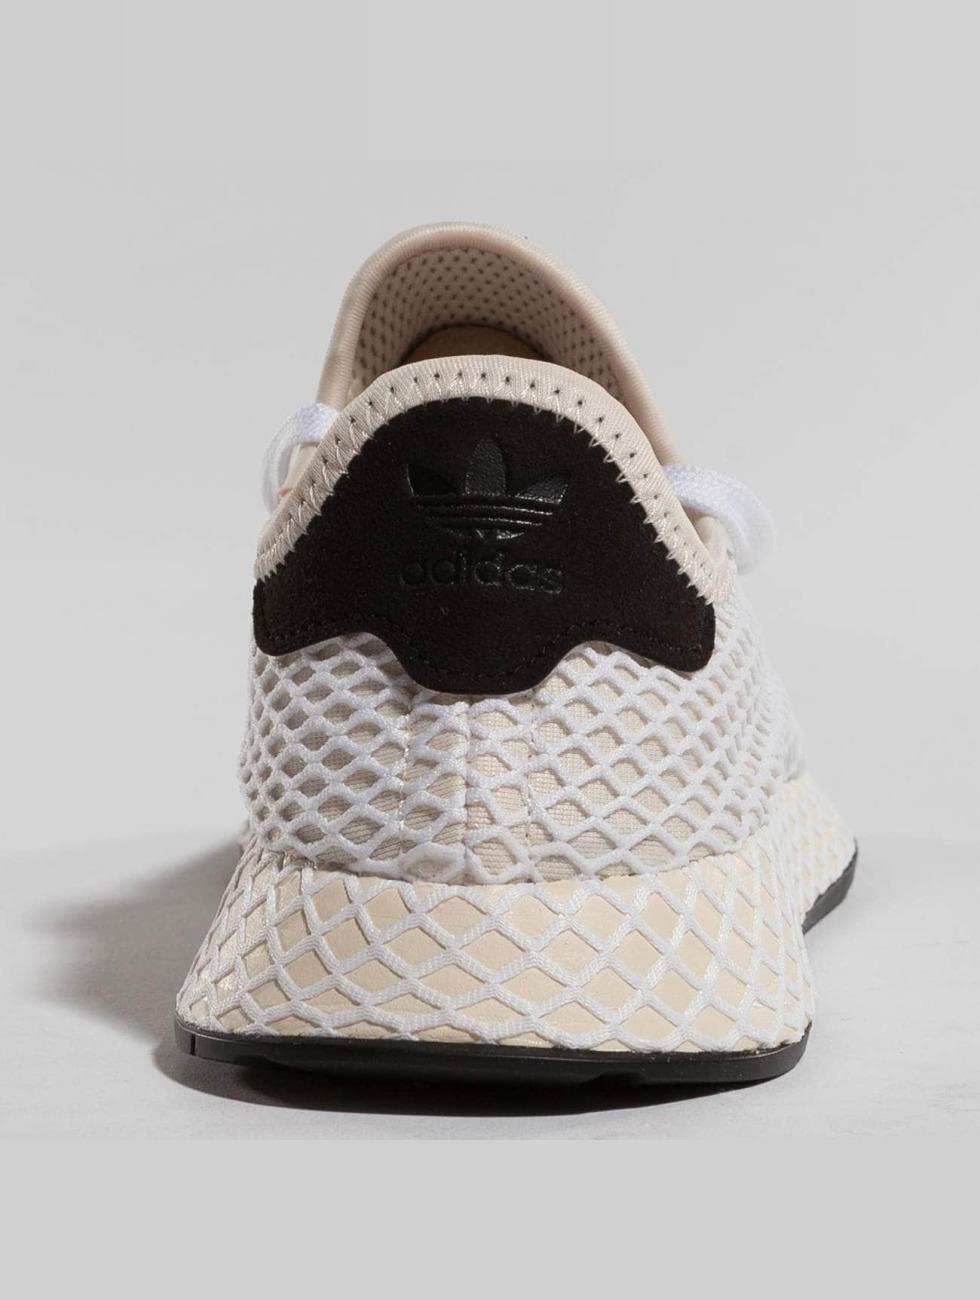 adidas originals schoen / sneaker Deerupt Runner in beige 436857 Korting Geniue Leverancier FGS4AHwv6n